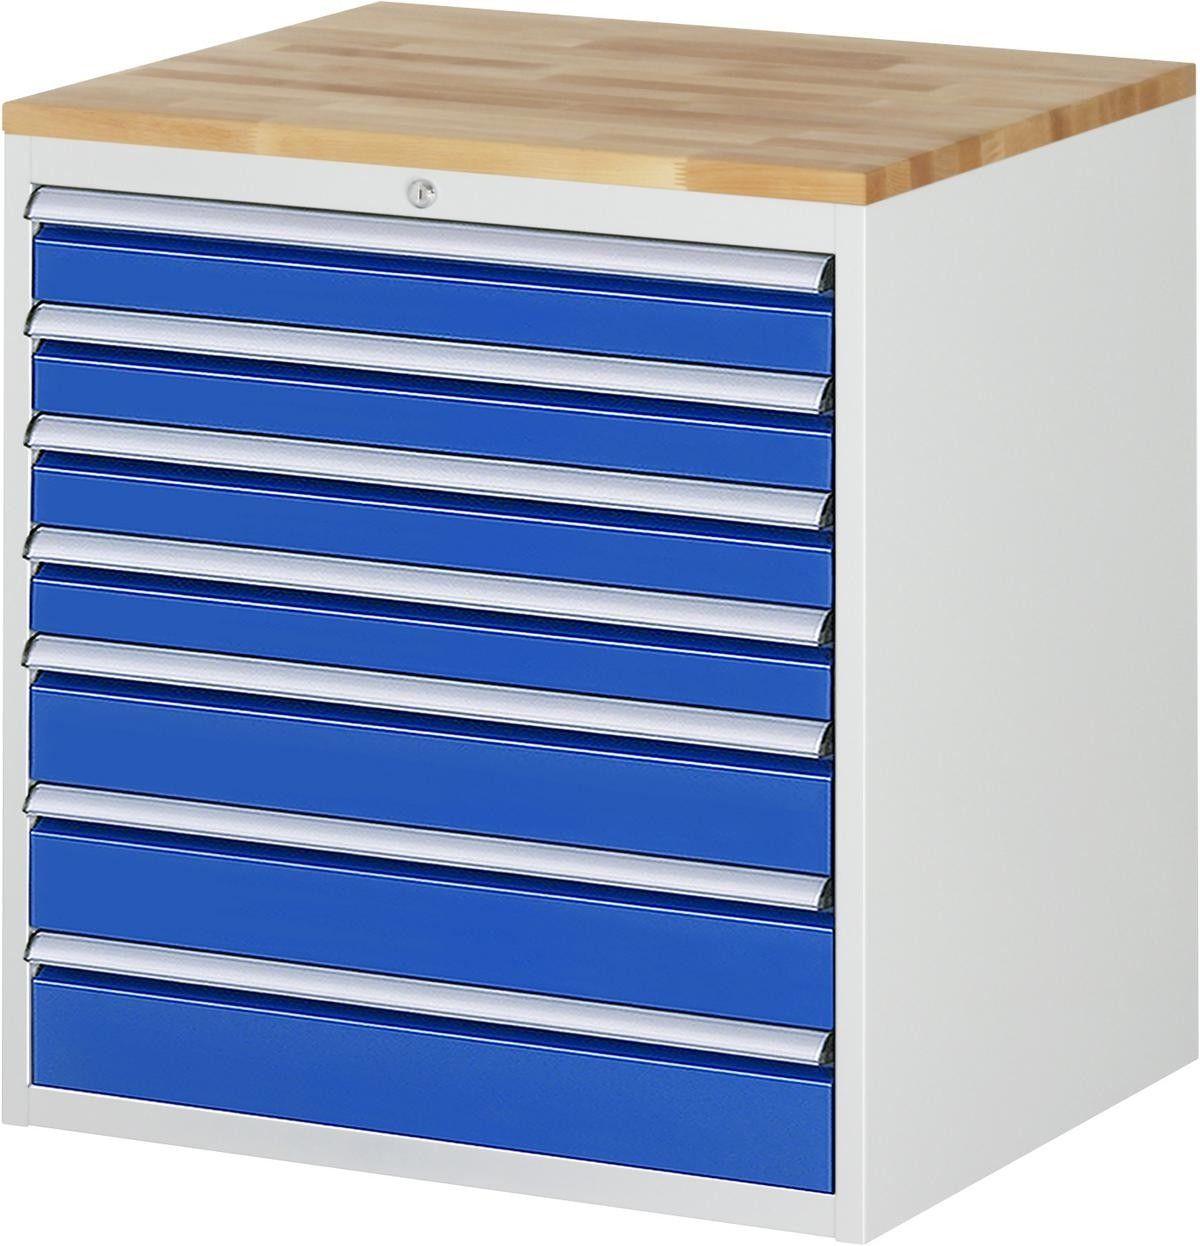 Schubladenschrank Serie 7000 Typ Xl5 17a 770x650x825mm Buche Top Vollauszug Schubladenschrank Schubladen Schubladenauszug